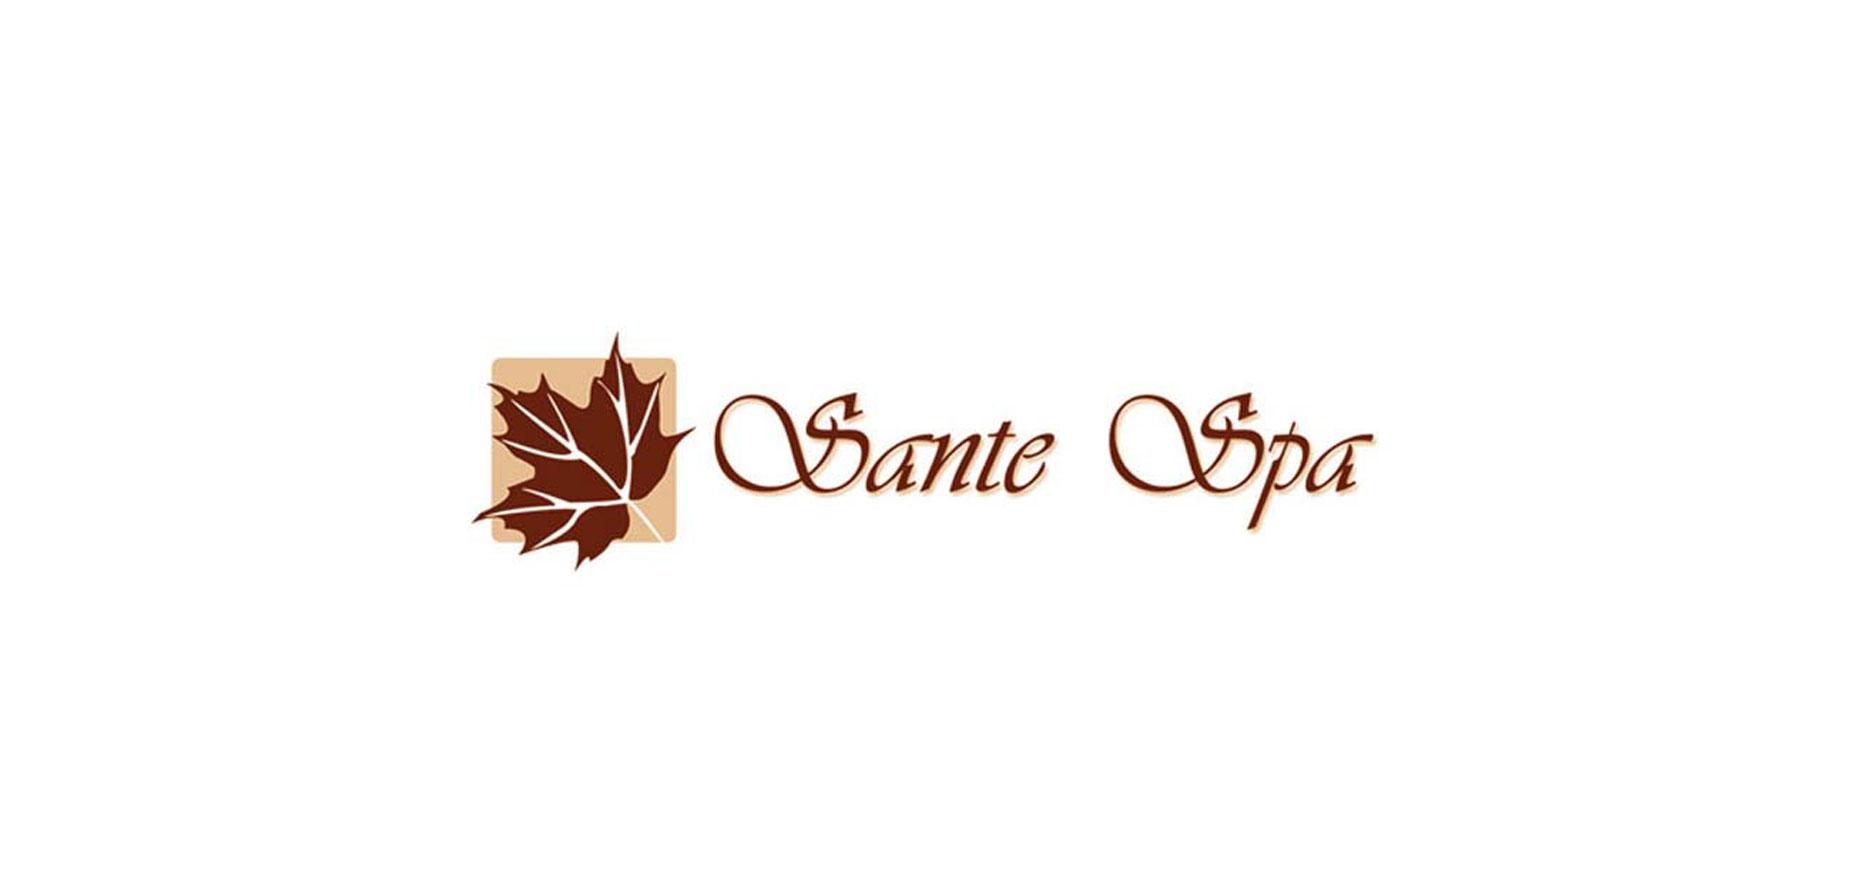 خدمات > طراحی گرافیک > طراحی لوگو و آرم | طراحی غرفه نمایشگاهیطراحی لوگو Sante Spa